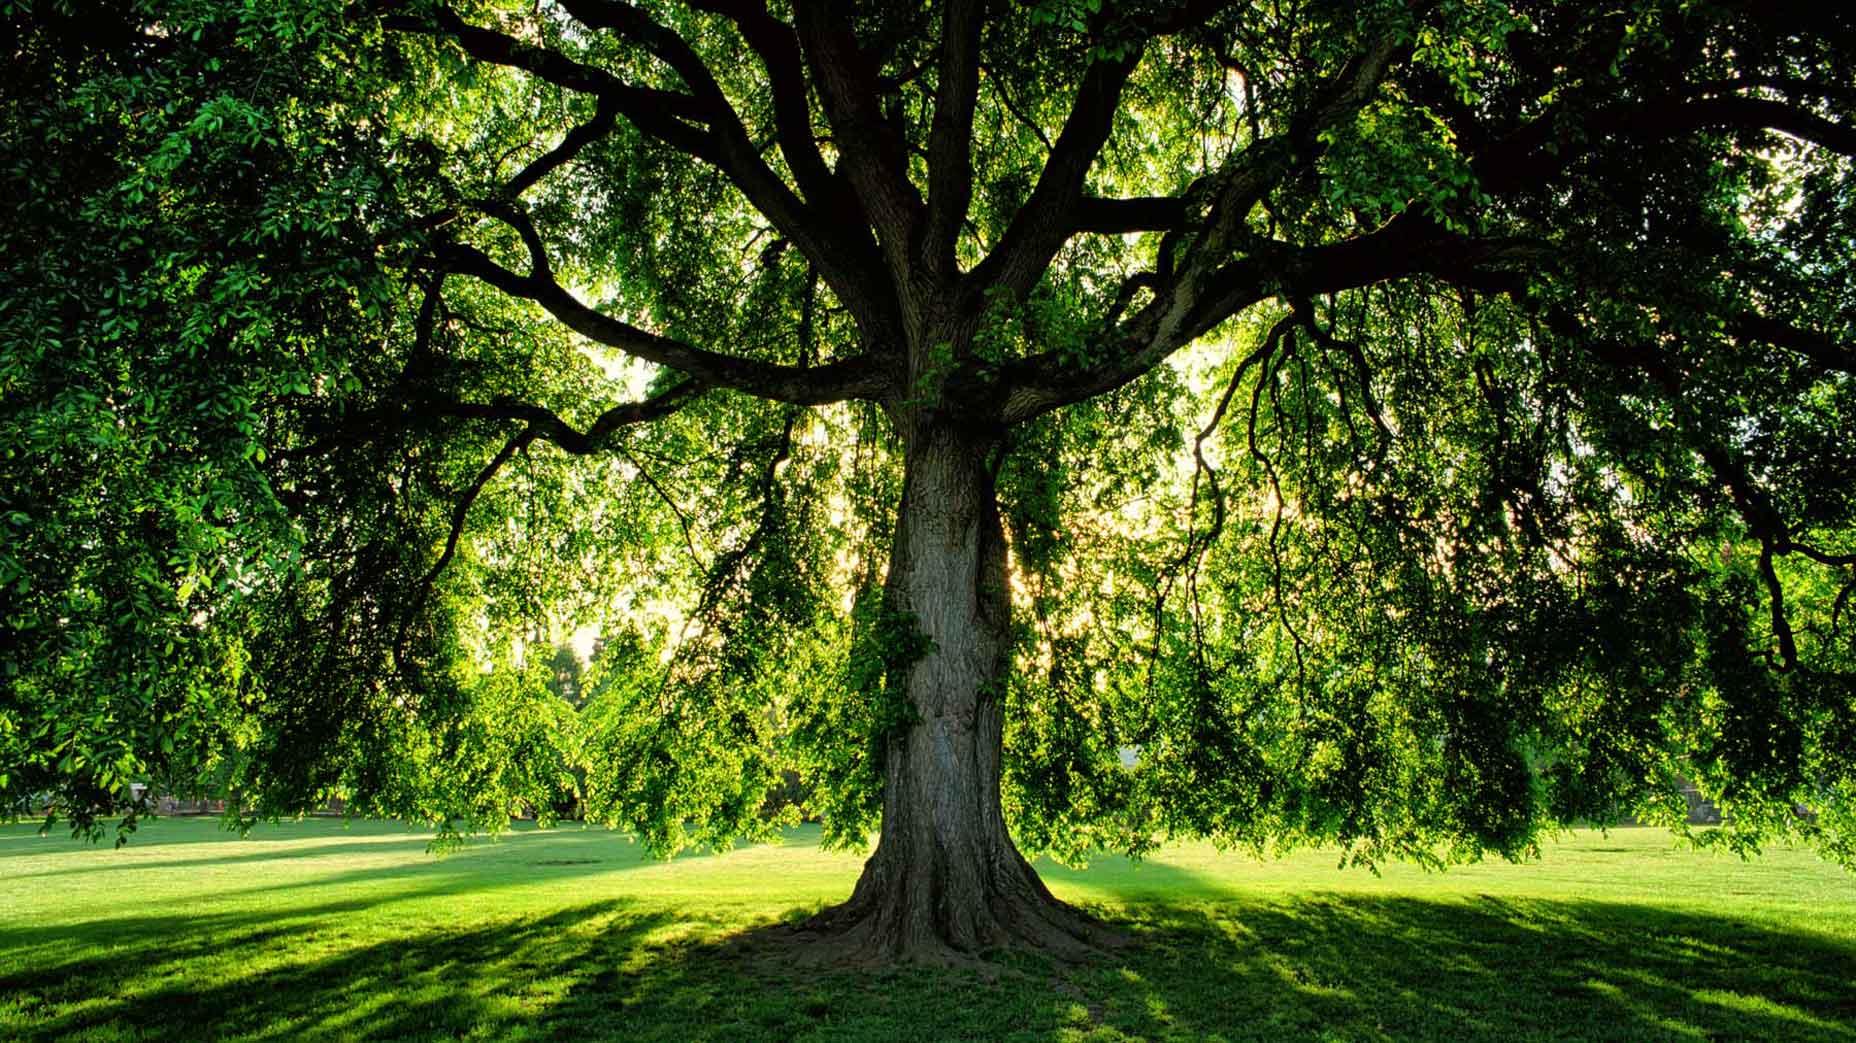 Turf Wars: Grass vs. Trees